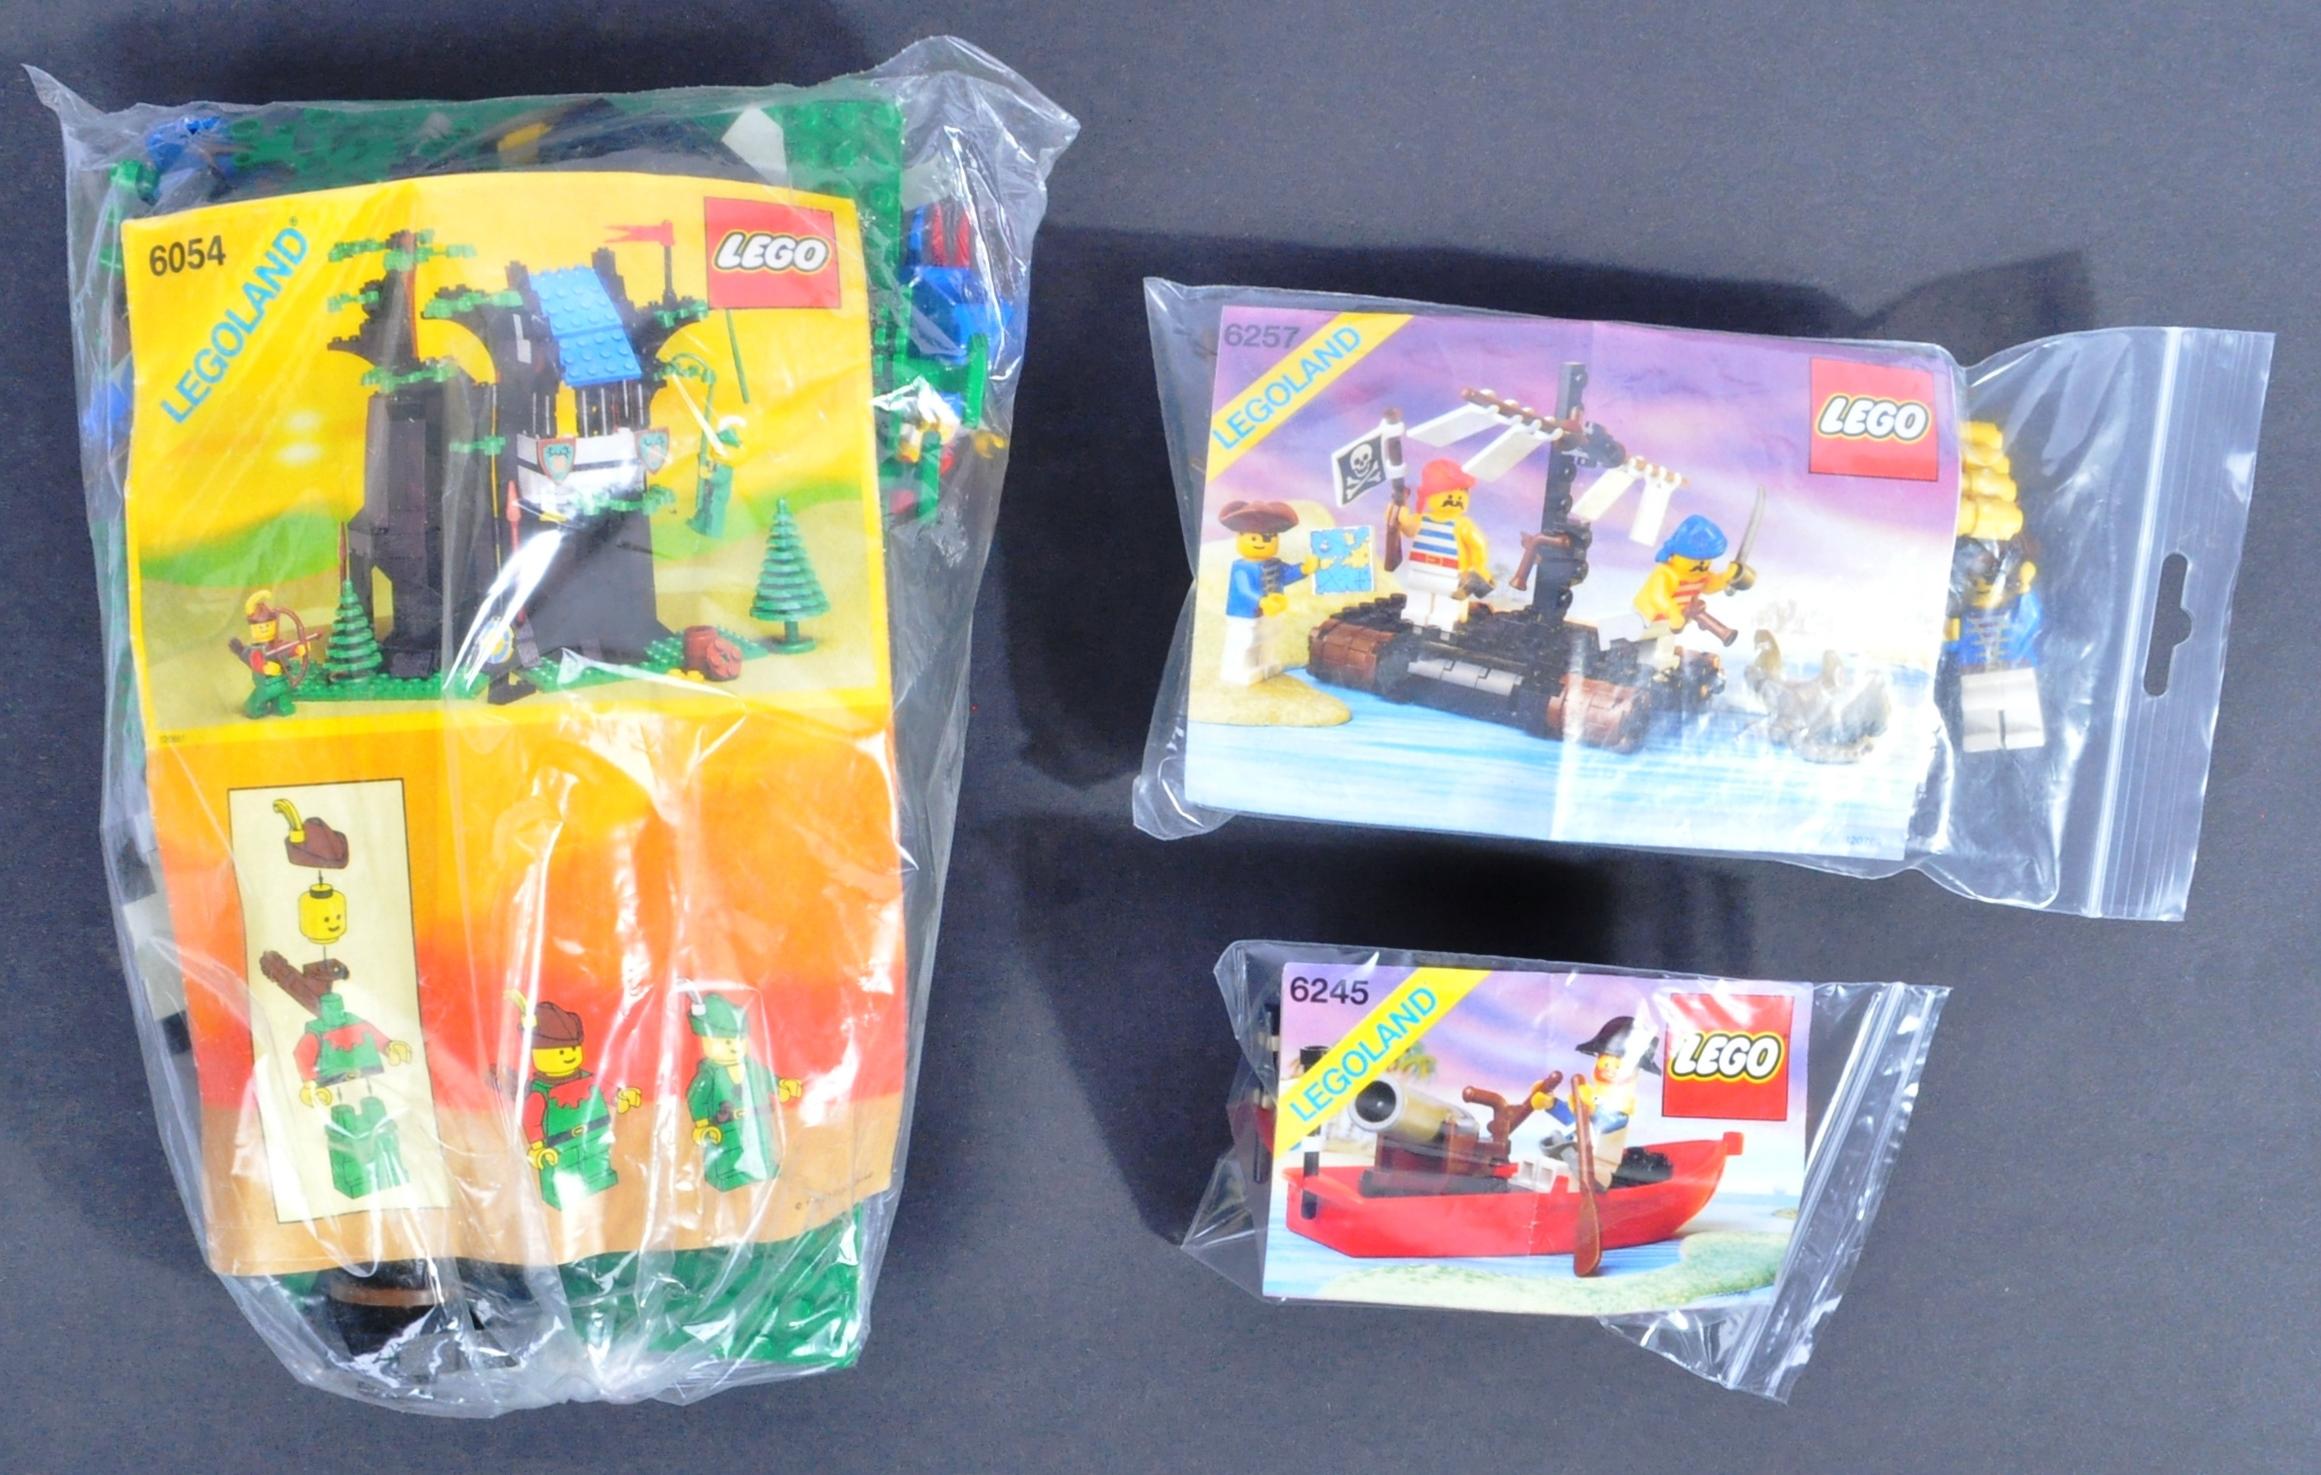 LEGO SETS - LEGO LAND - 6054 / 6245 / 6257